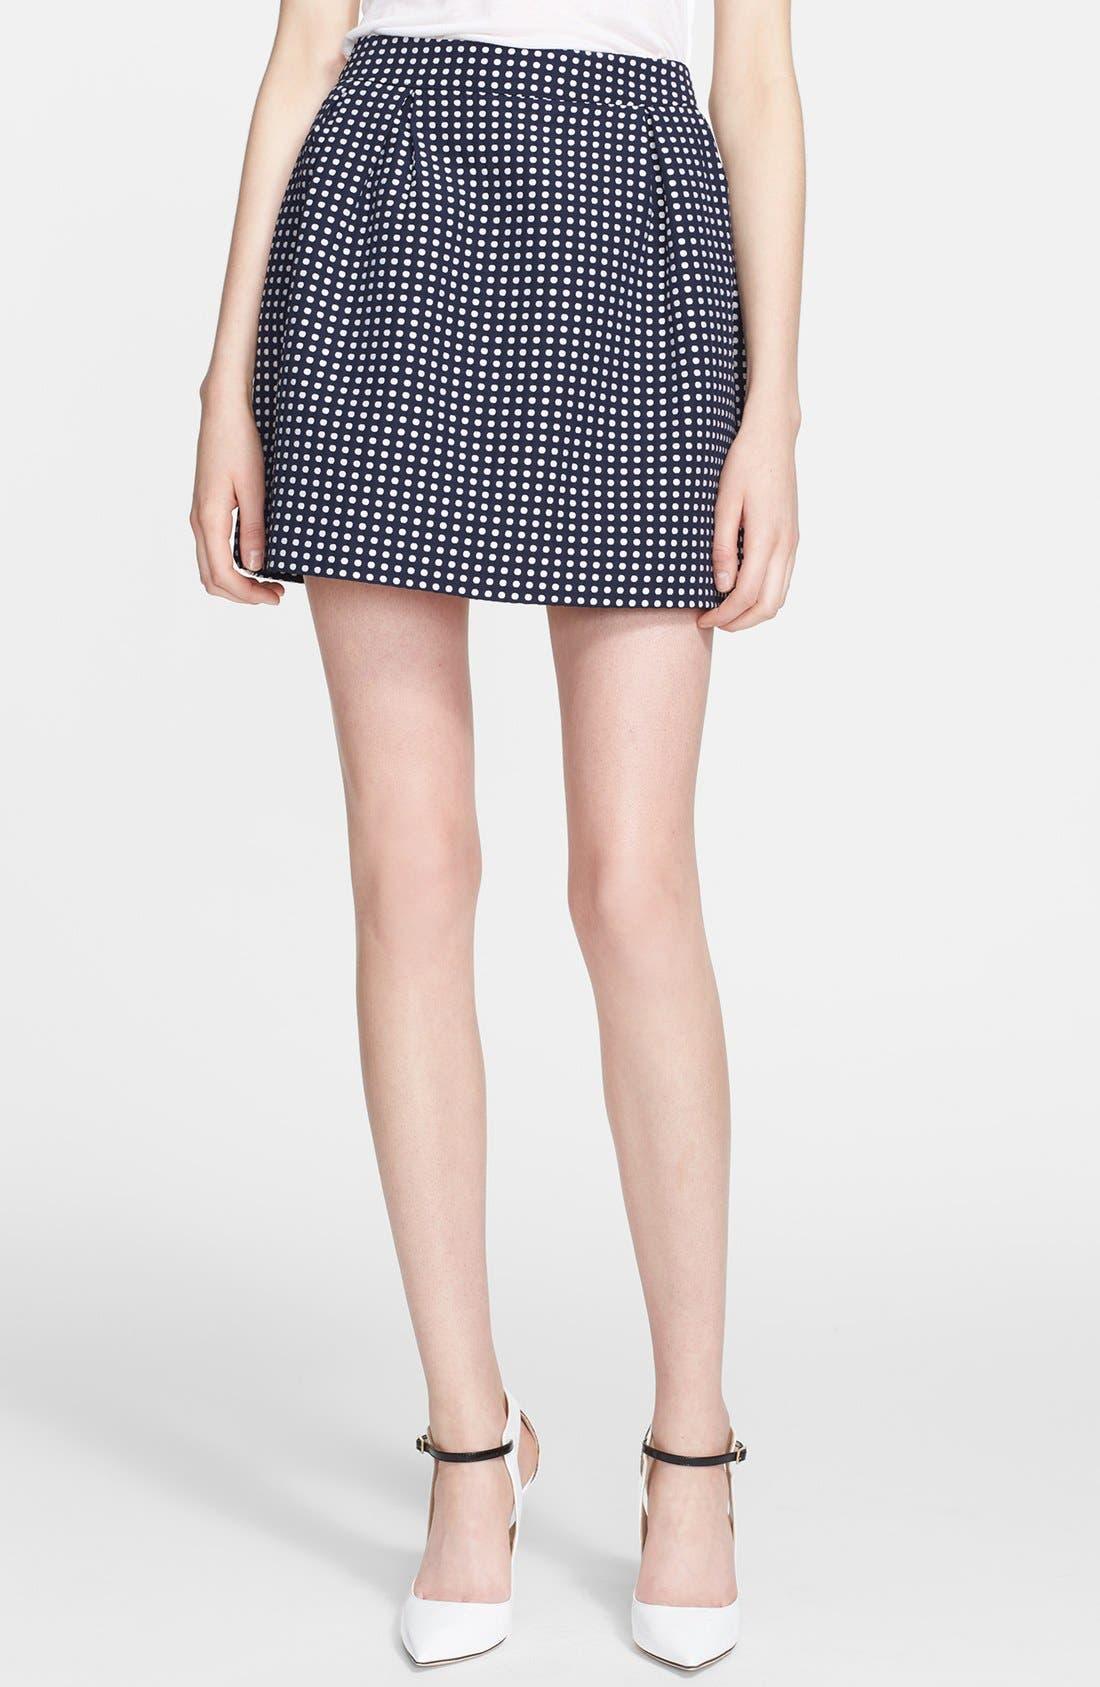 Alternate Image 1 Selected - Mcginn 'Mari' Polka Dot Skirt